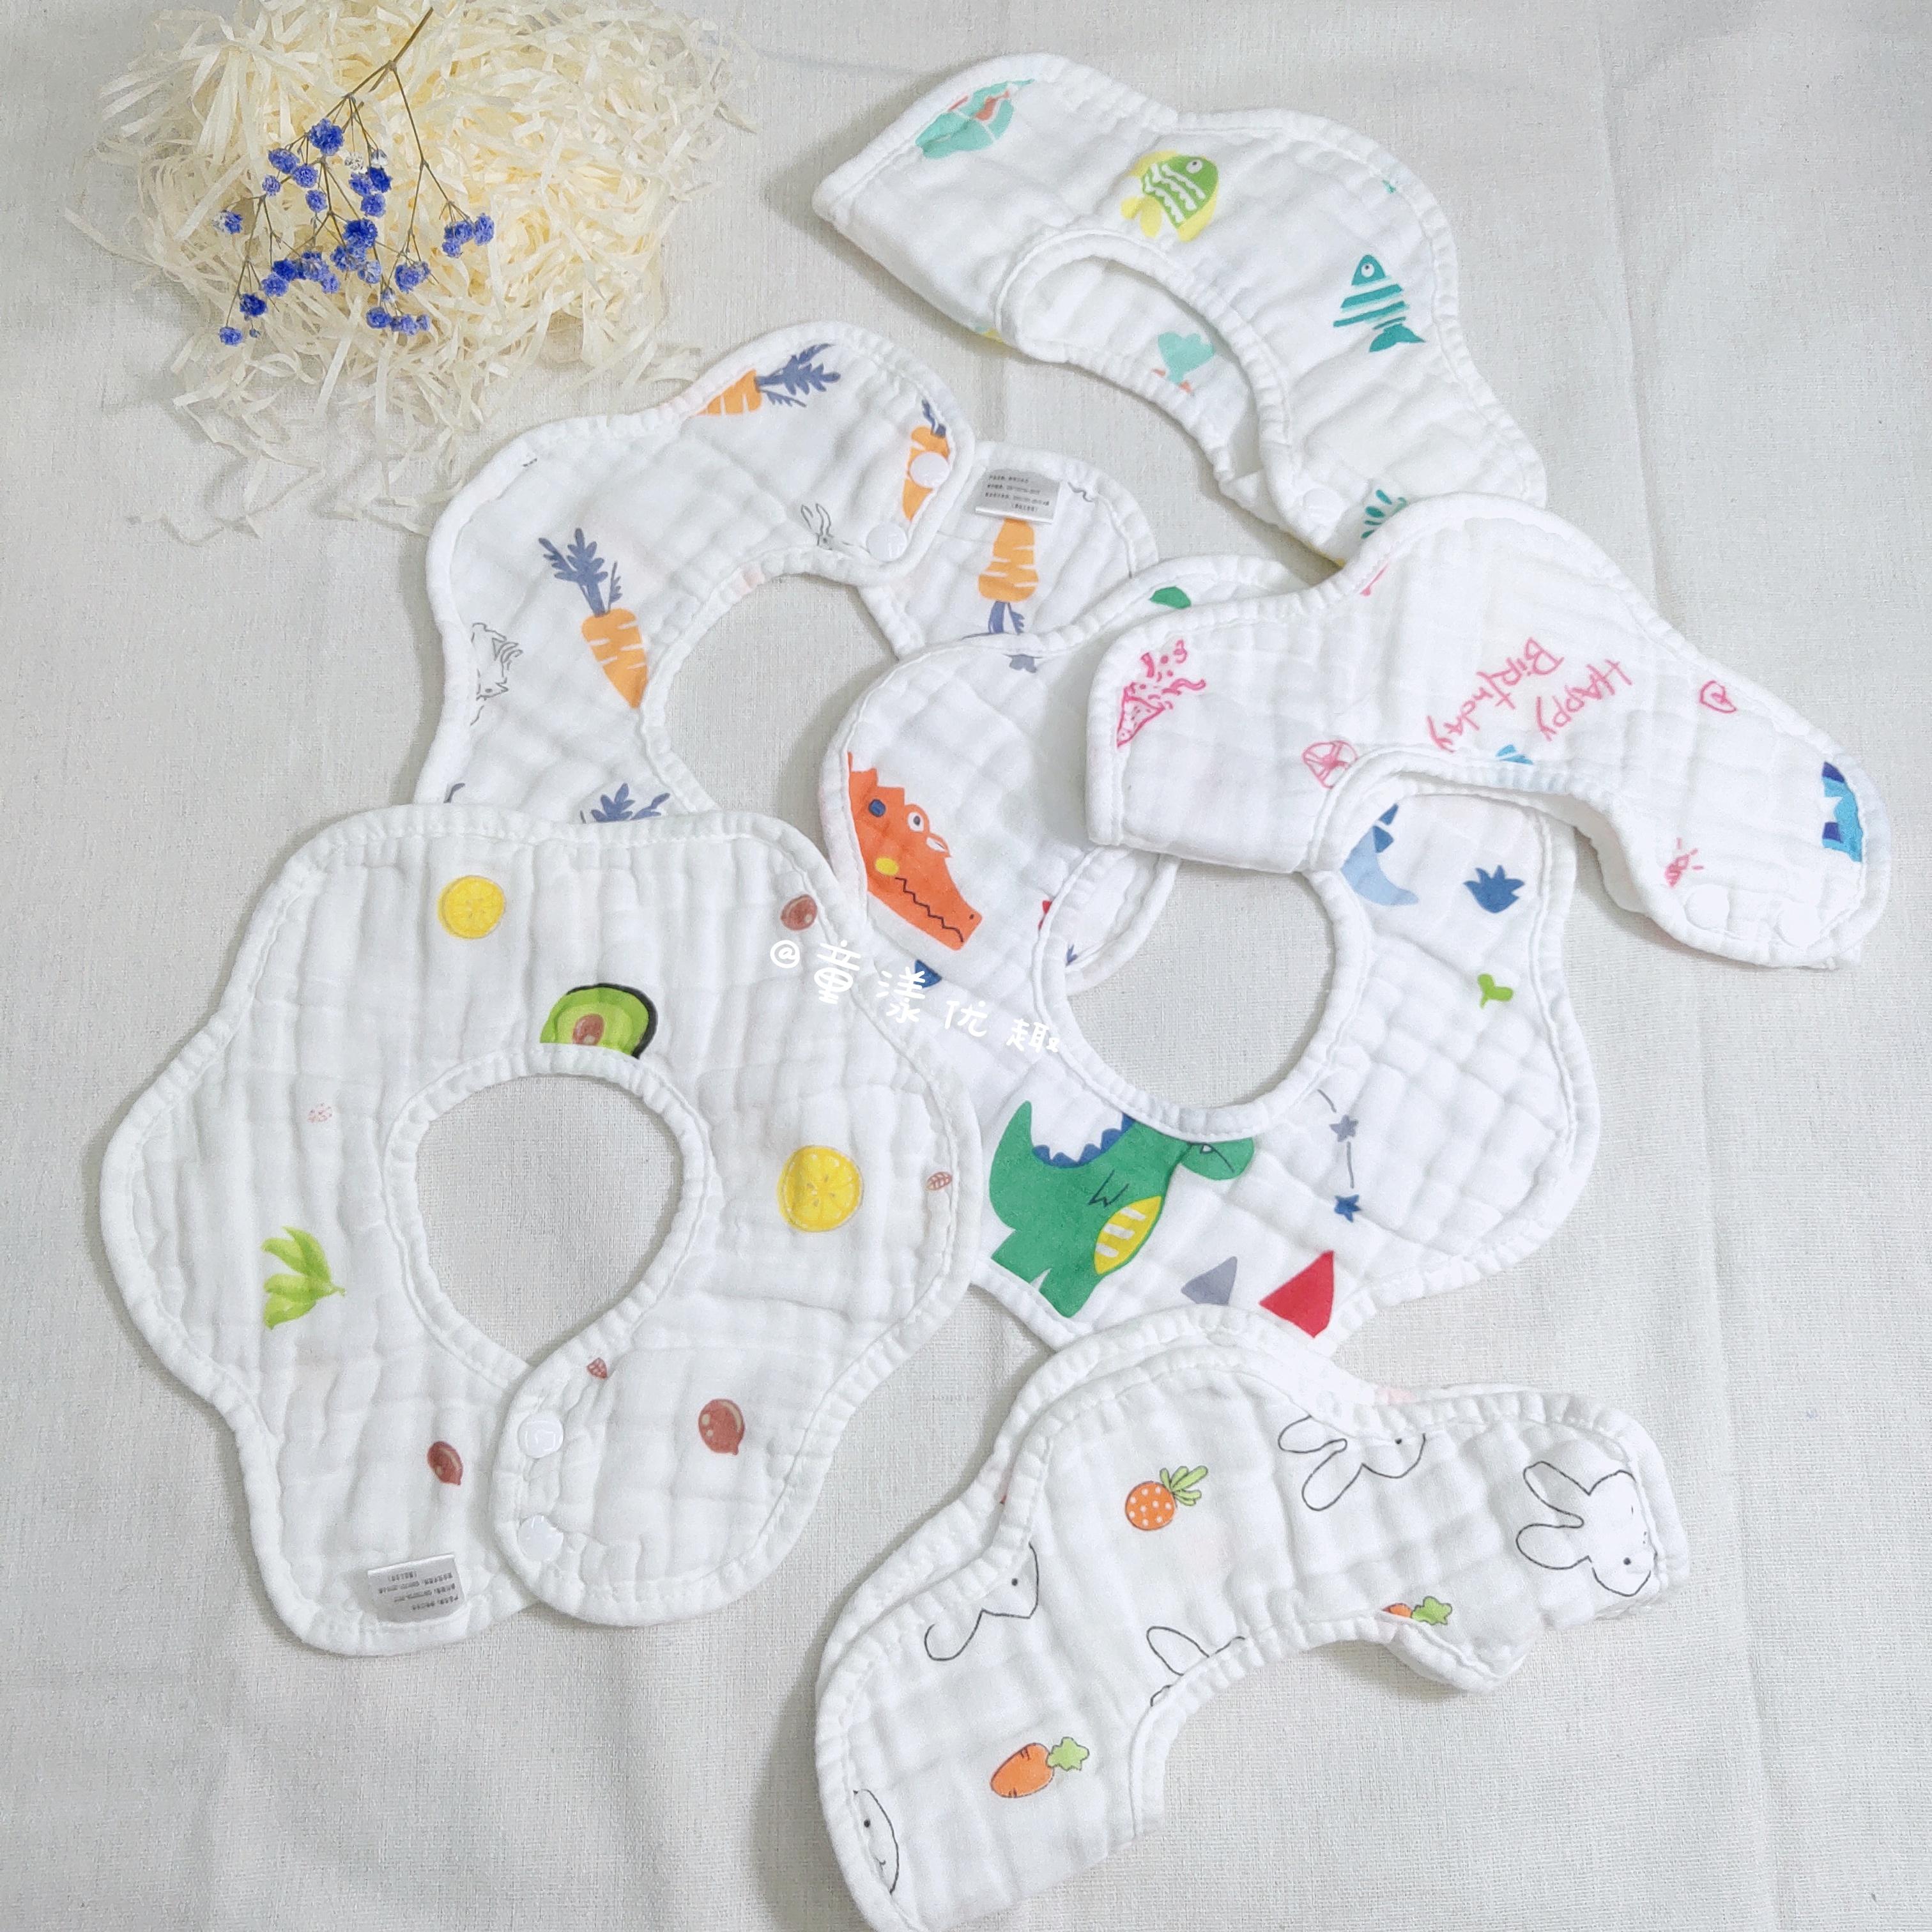 婴儿口水巾纯棉夏季薄款透气可旋转防水围兜宝宝6层高密纱布围嘴